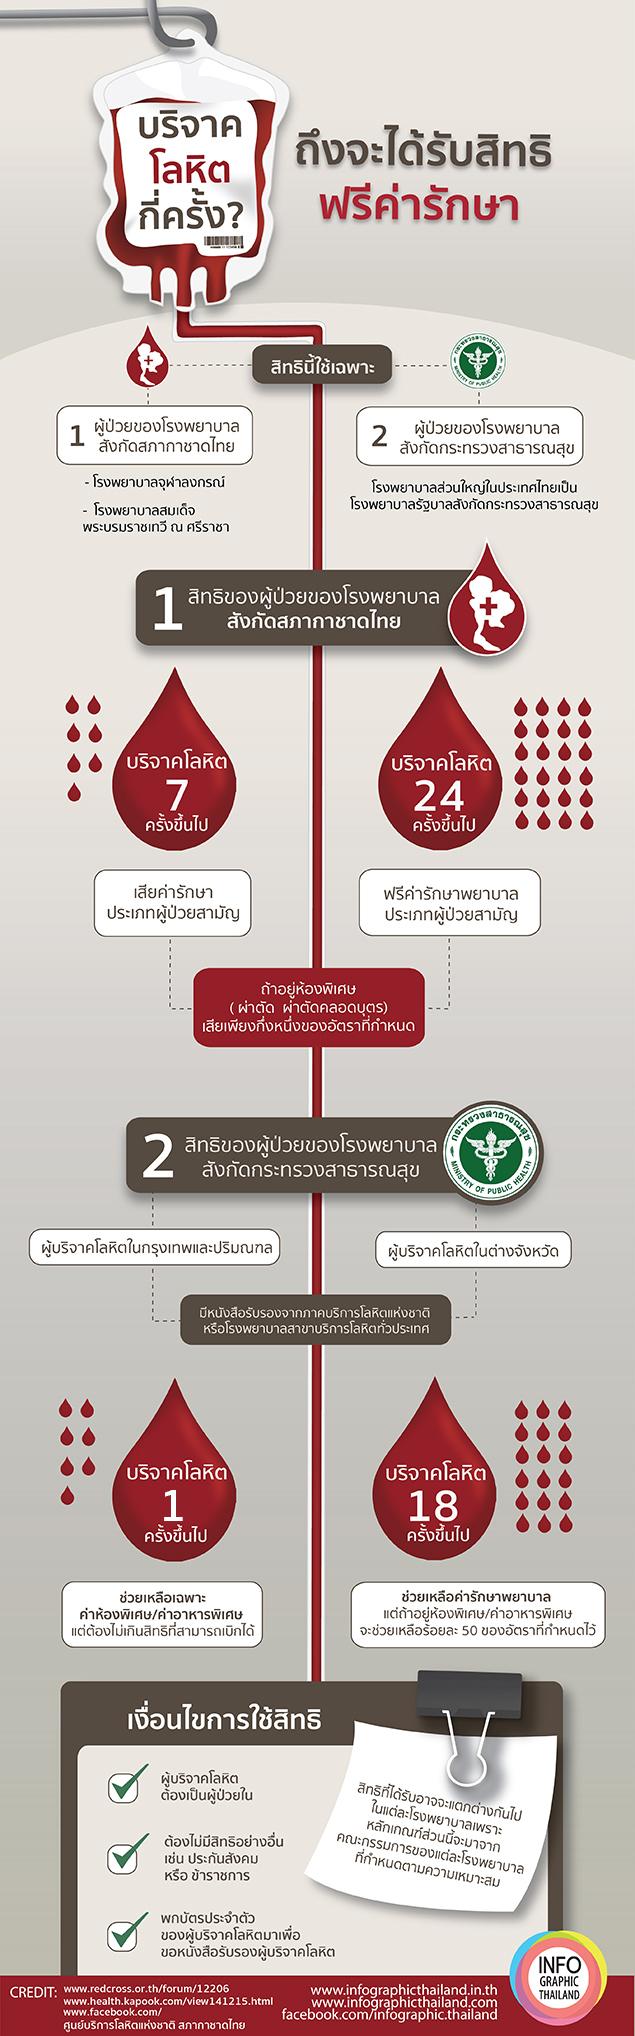 blooddonationFix